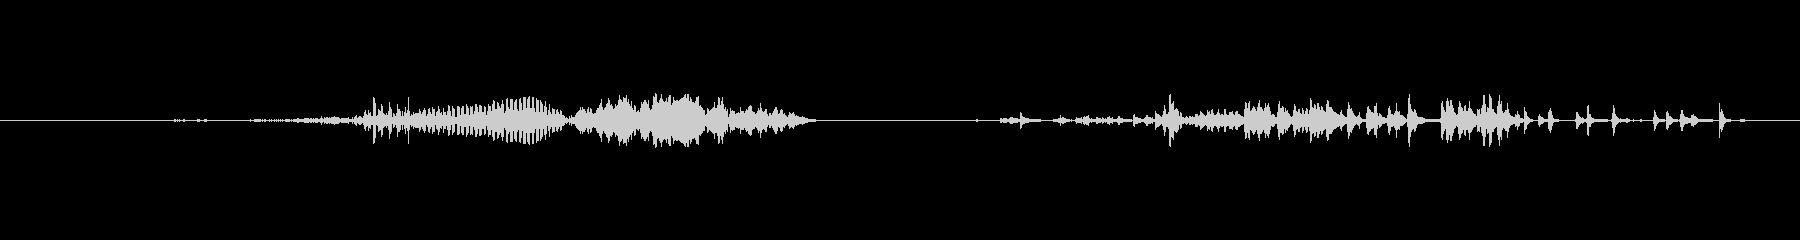 モンスター 窒息ゾンビショート07の未再生の波形